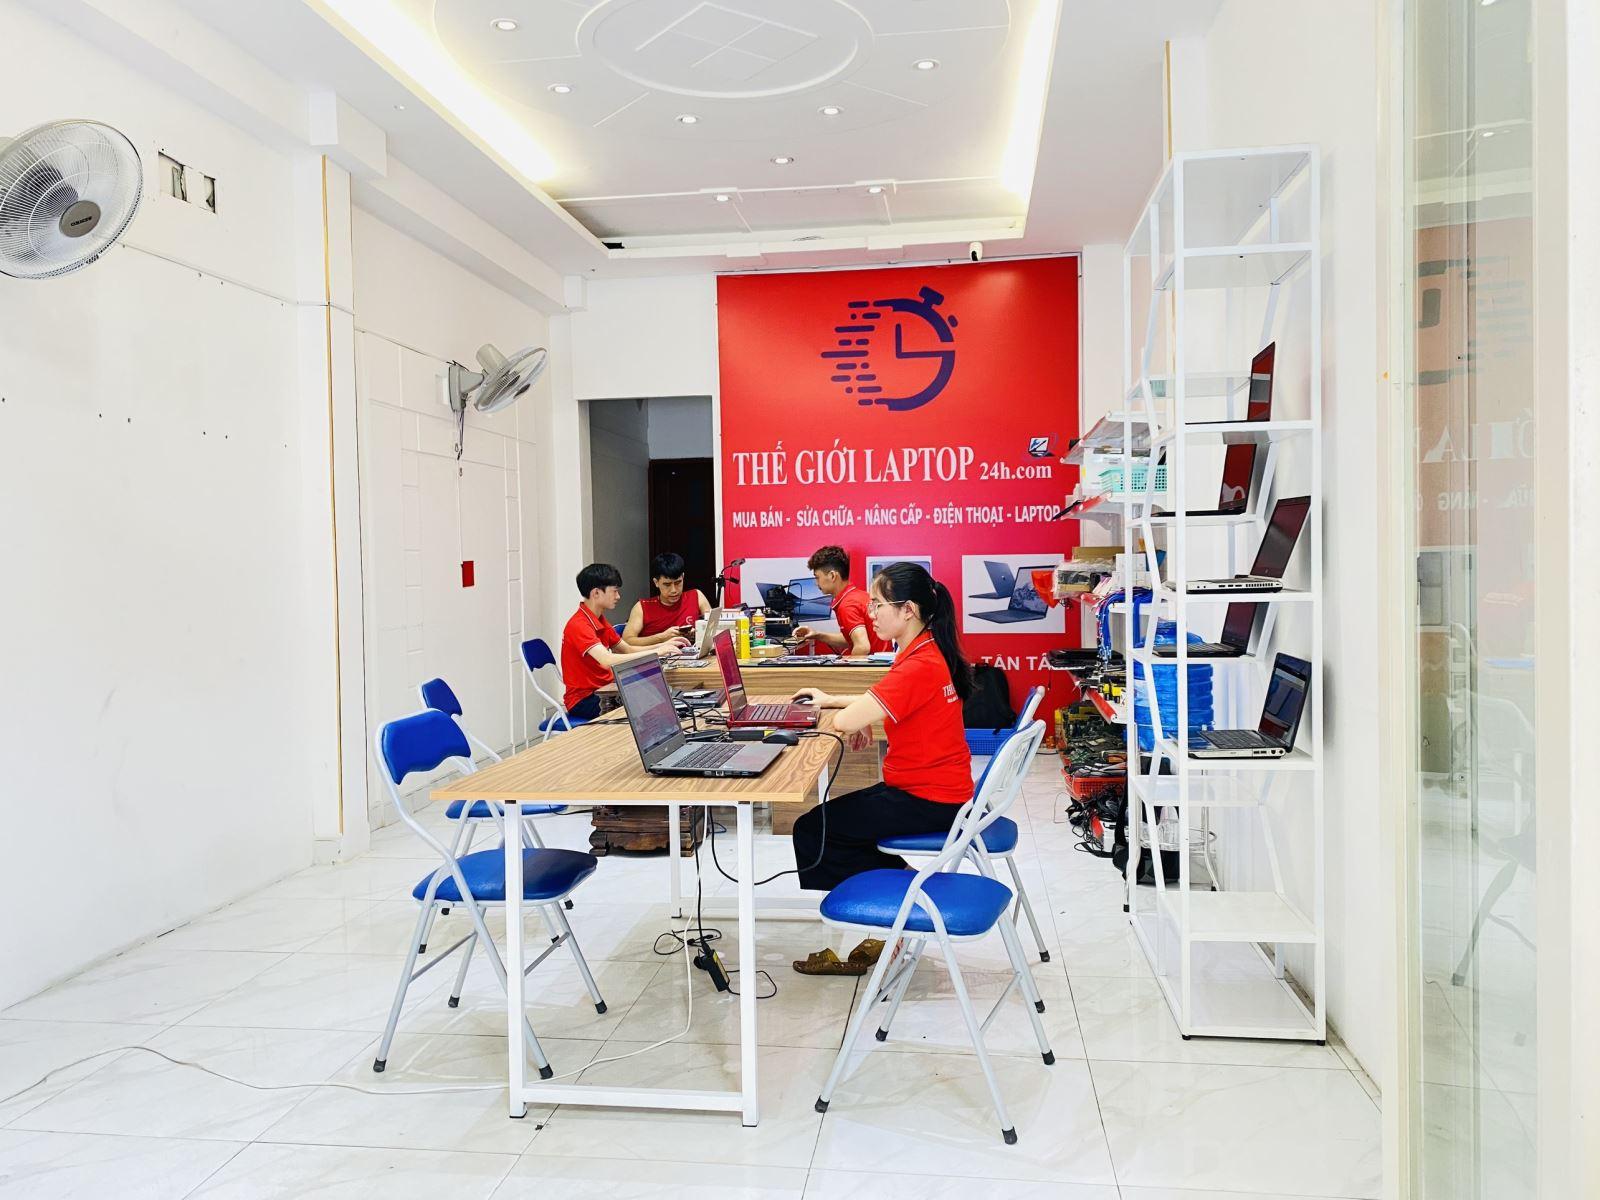 Sửa laptop giá rẻ tại quận phú nhuận